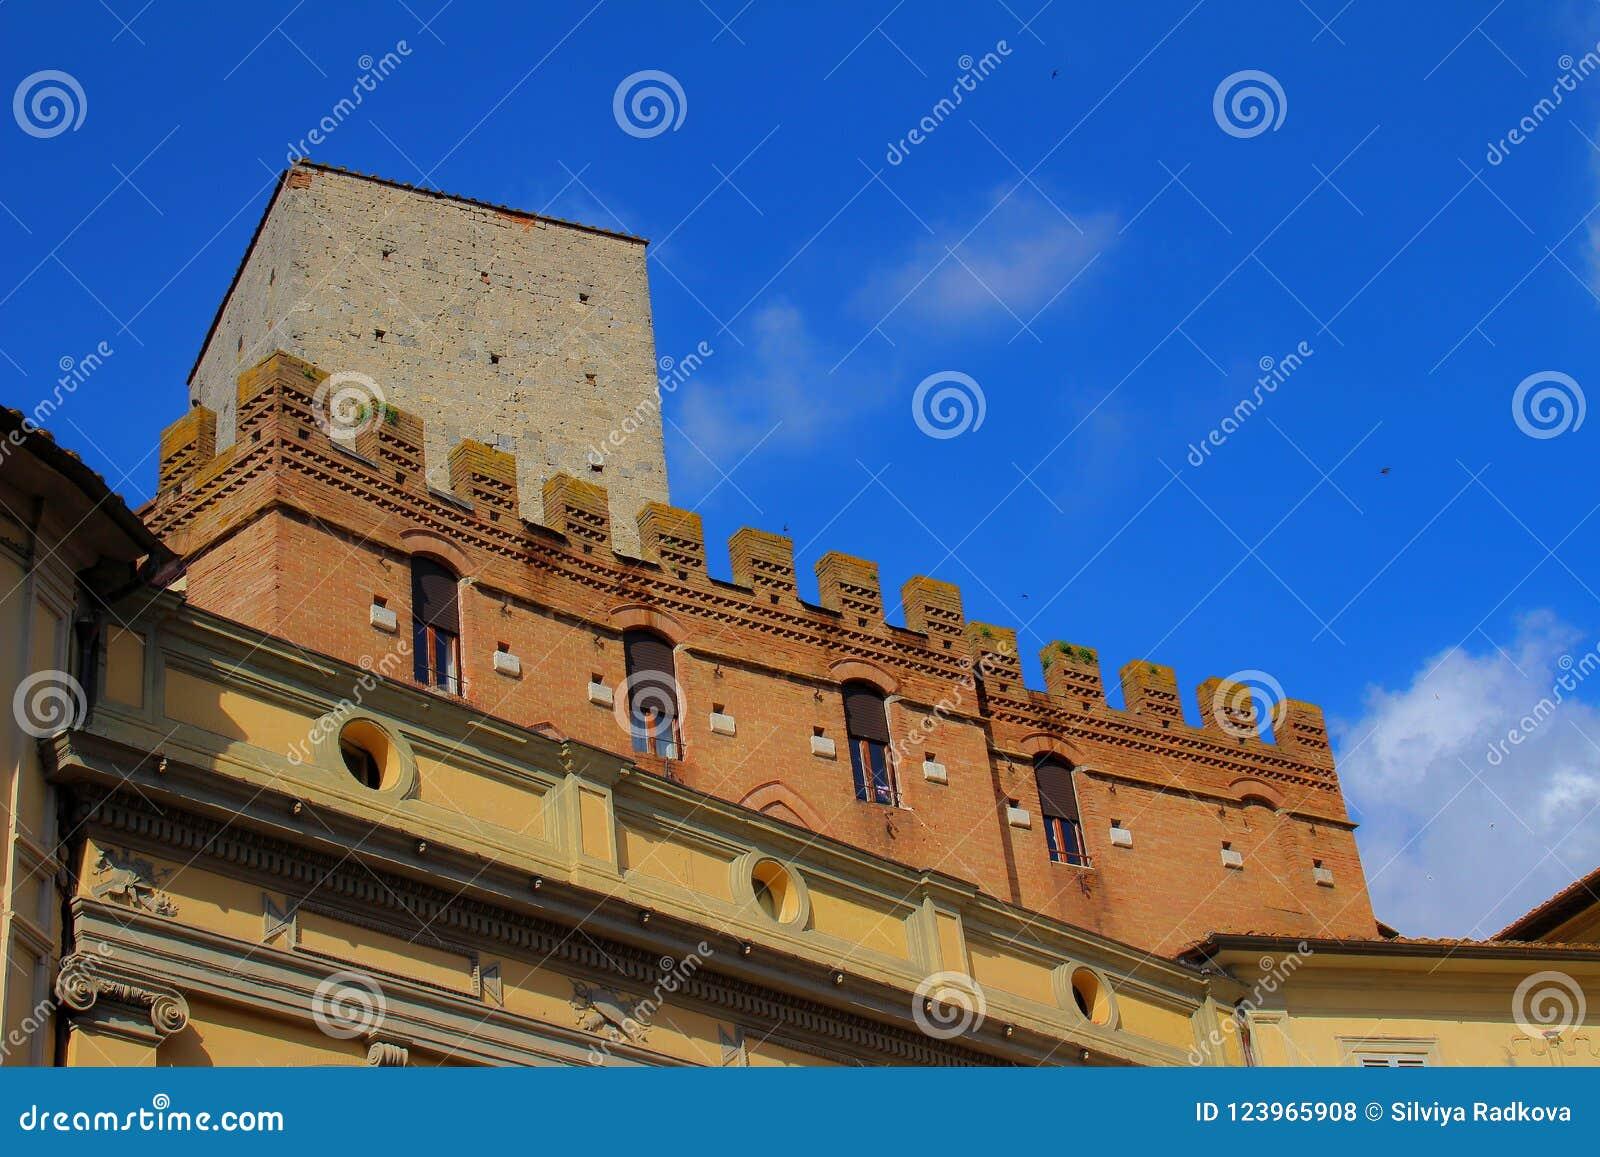 Włoska architektura w szczegółach